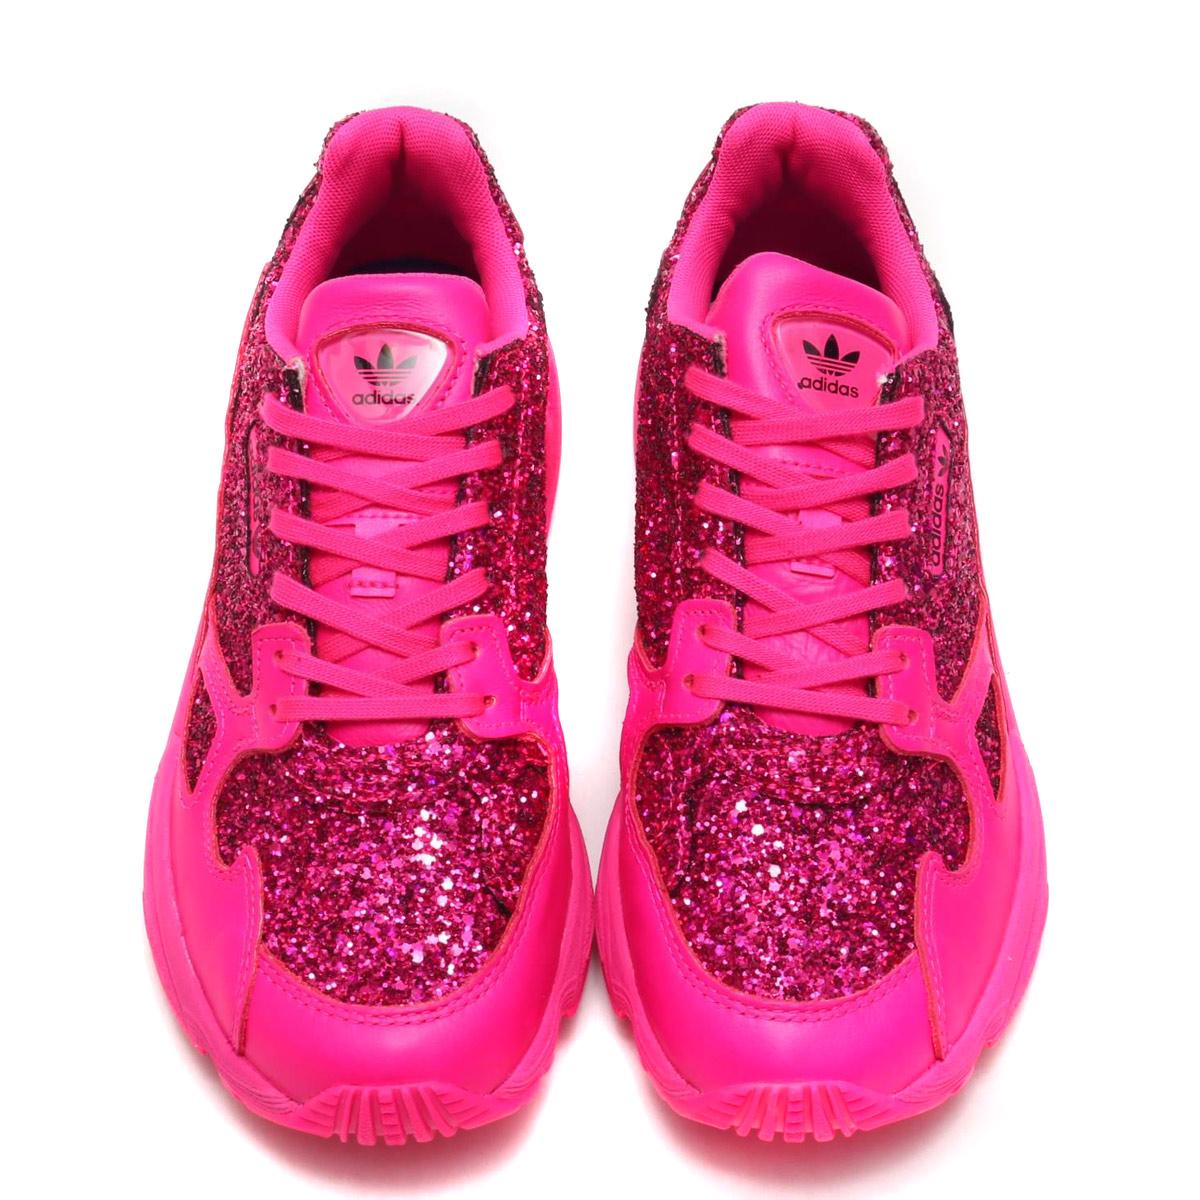 new styles c74c5 d89bb adidas Originals FALCON W (SHOCK PINK SHOCK PINK COLLEGE PURPLE) (Adidas  originals falcon W)